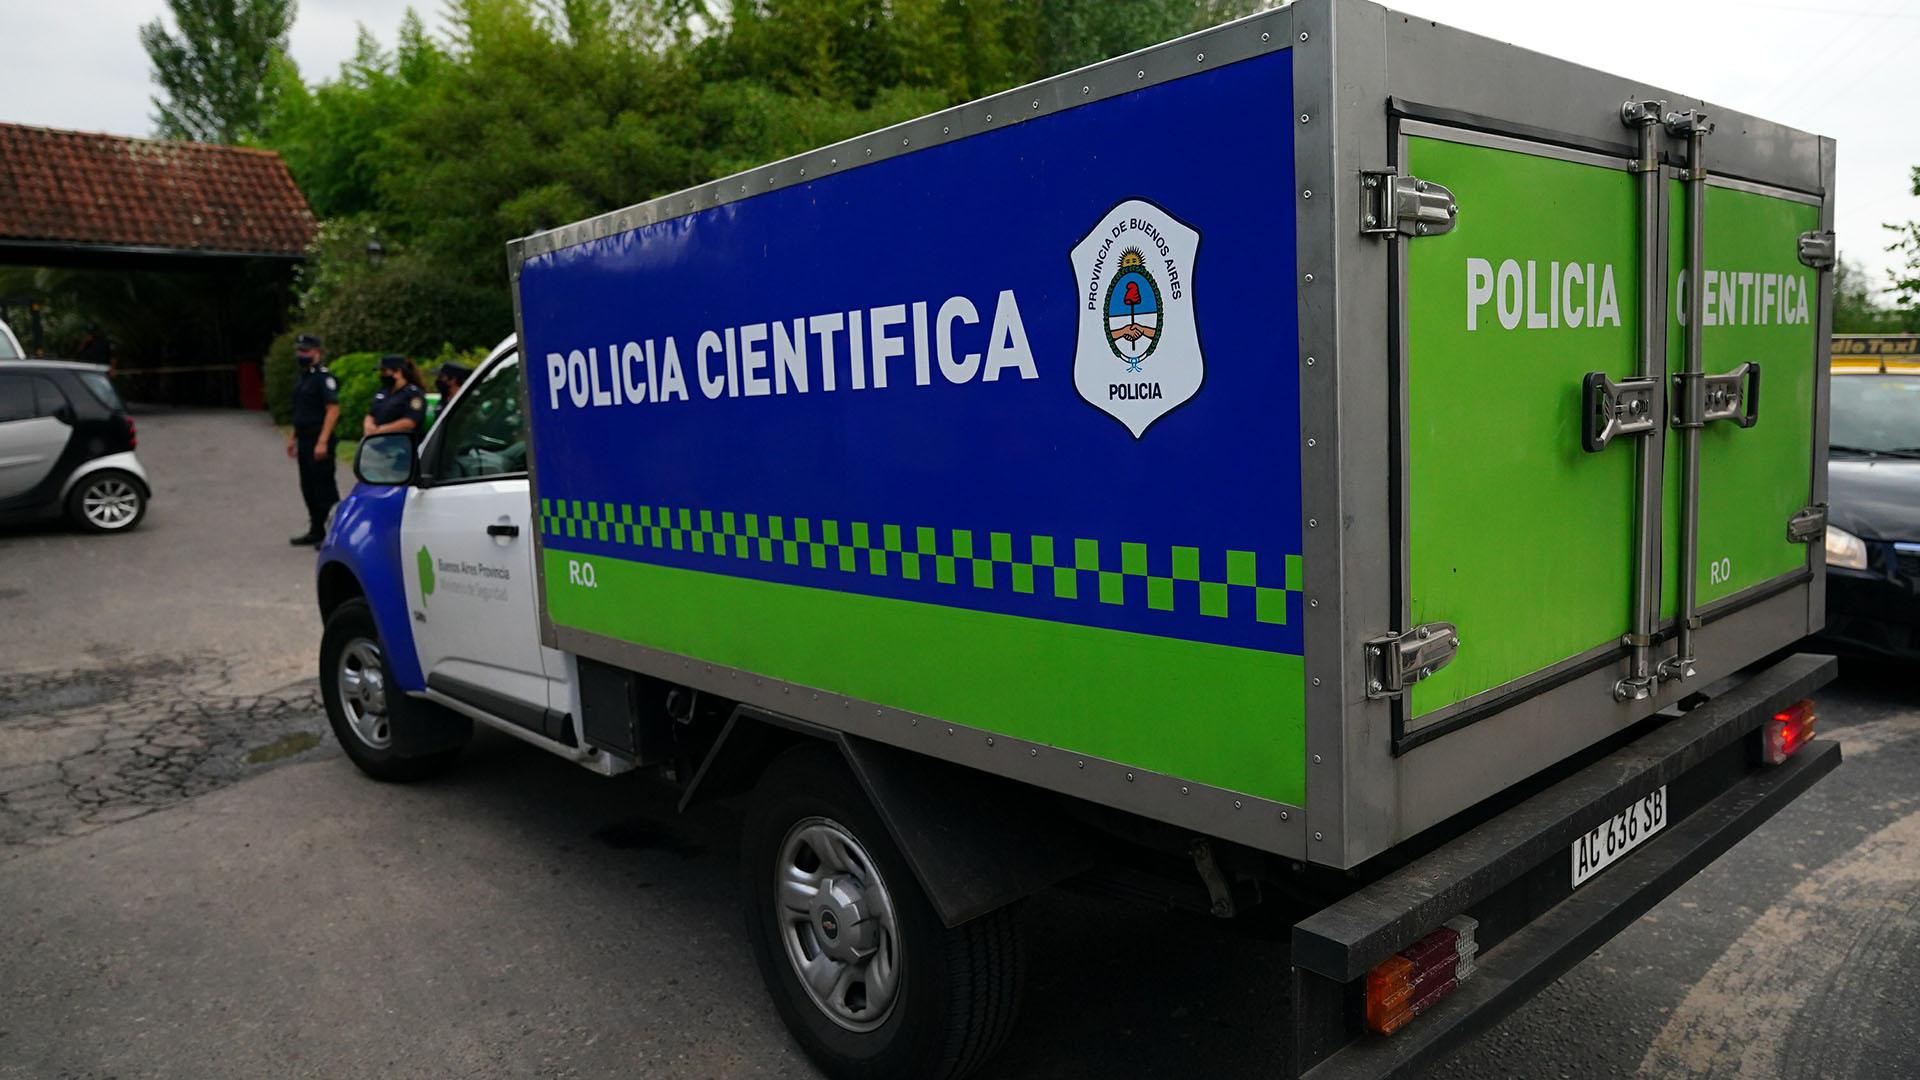 La policía científica, en el momento del traslado del cuerpo para la realización de la autopsia en San Fernando (Franco Fafasuli)